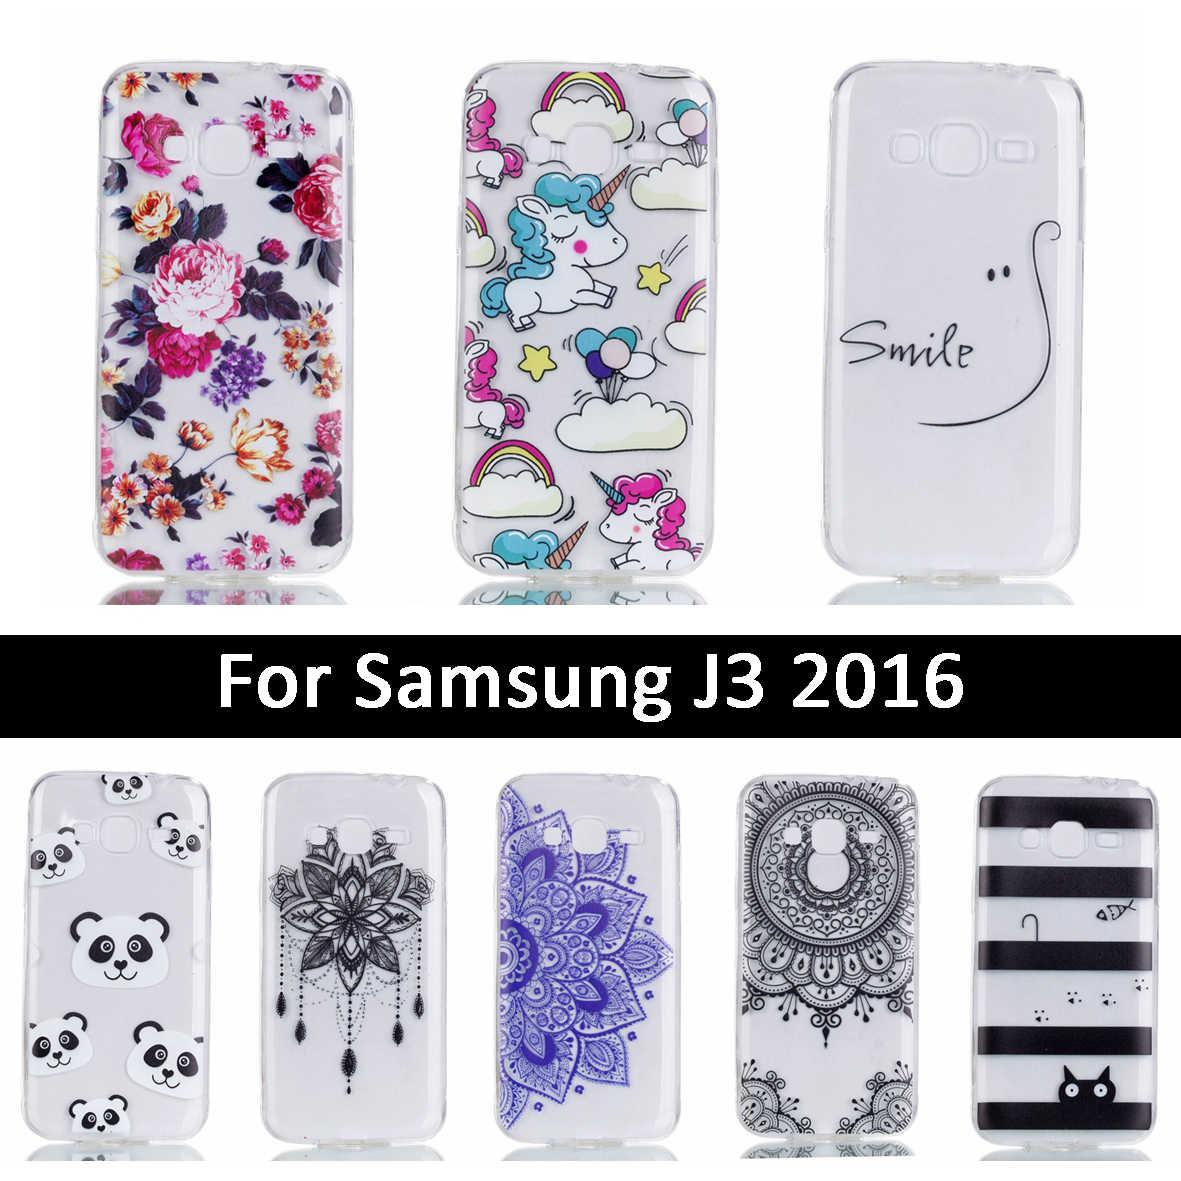 Роскошный чехол для samsung Galaxy J3 2016 j310 J310F Мягкий силиконовый чехол из ТПУ для samsung J3 2016 J 3 310 310F Мультяшные Чехлы Coque